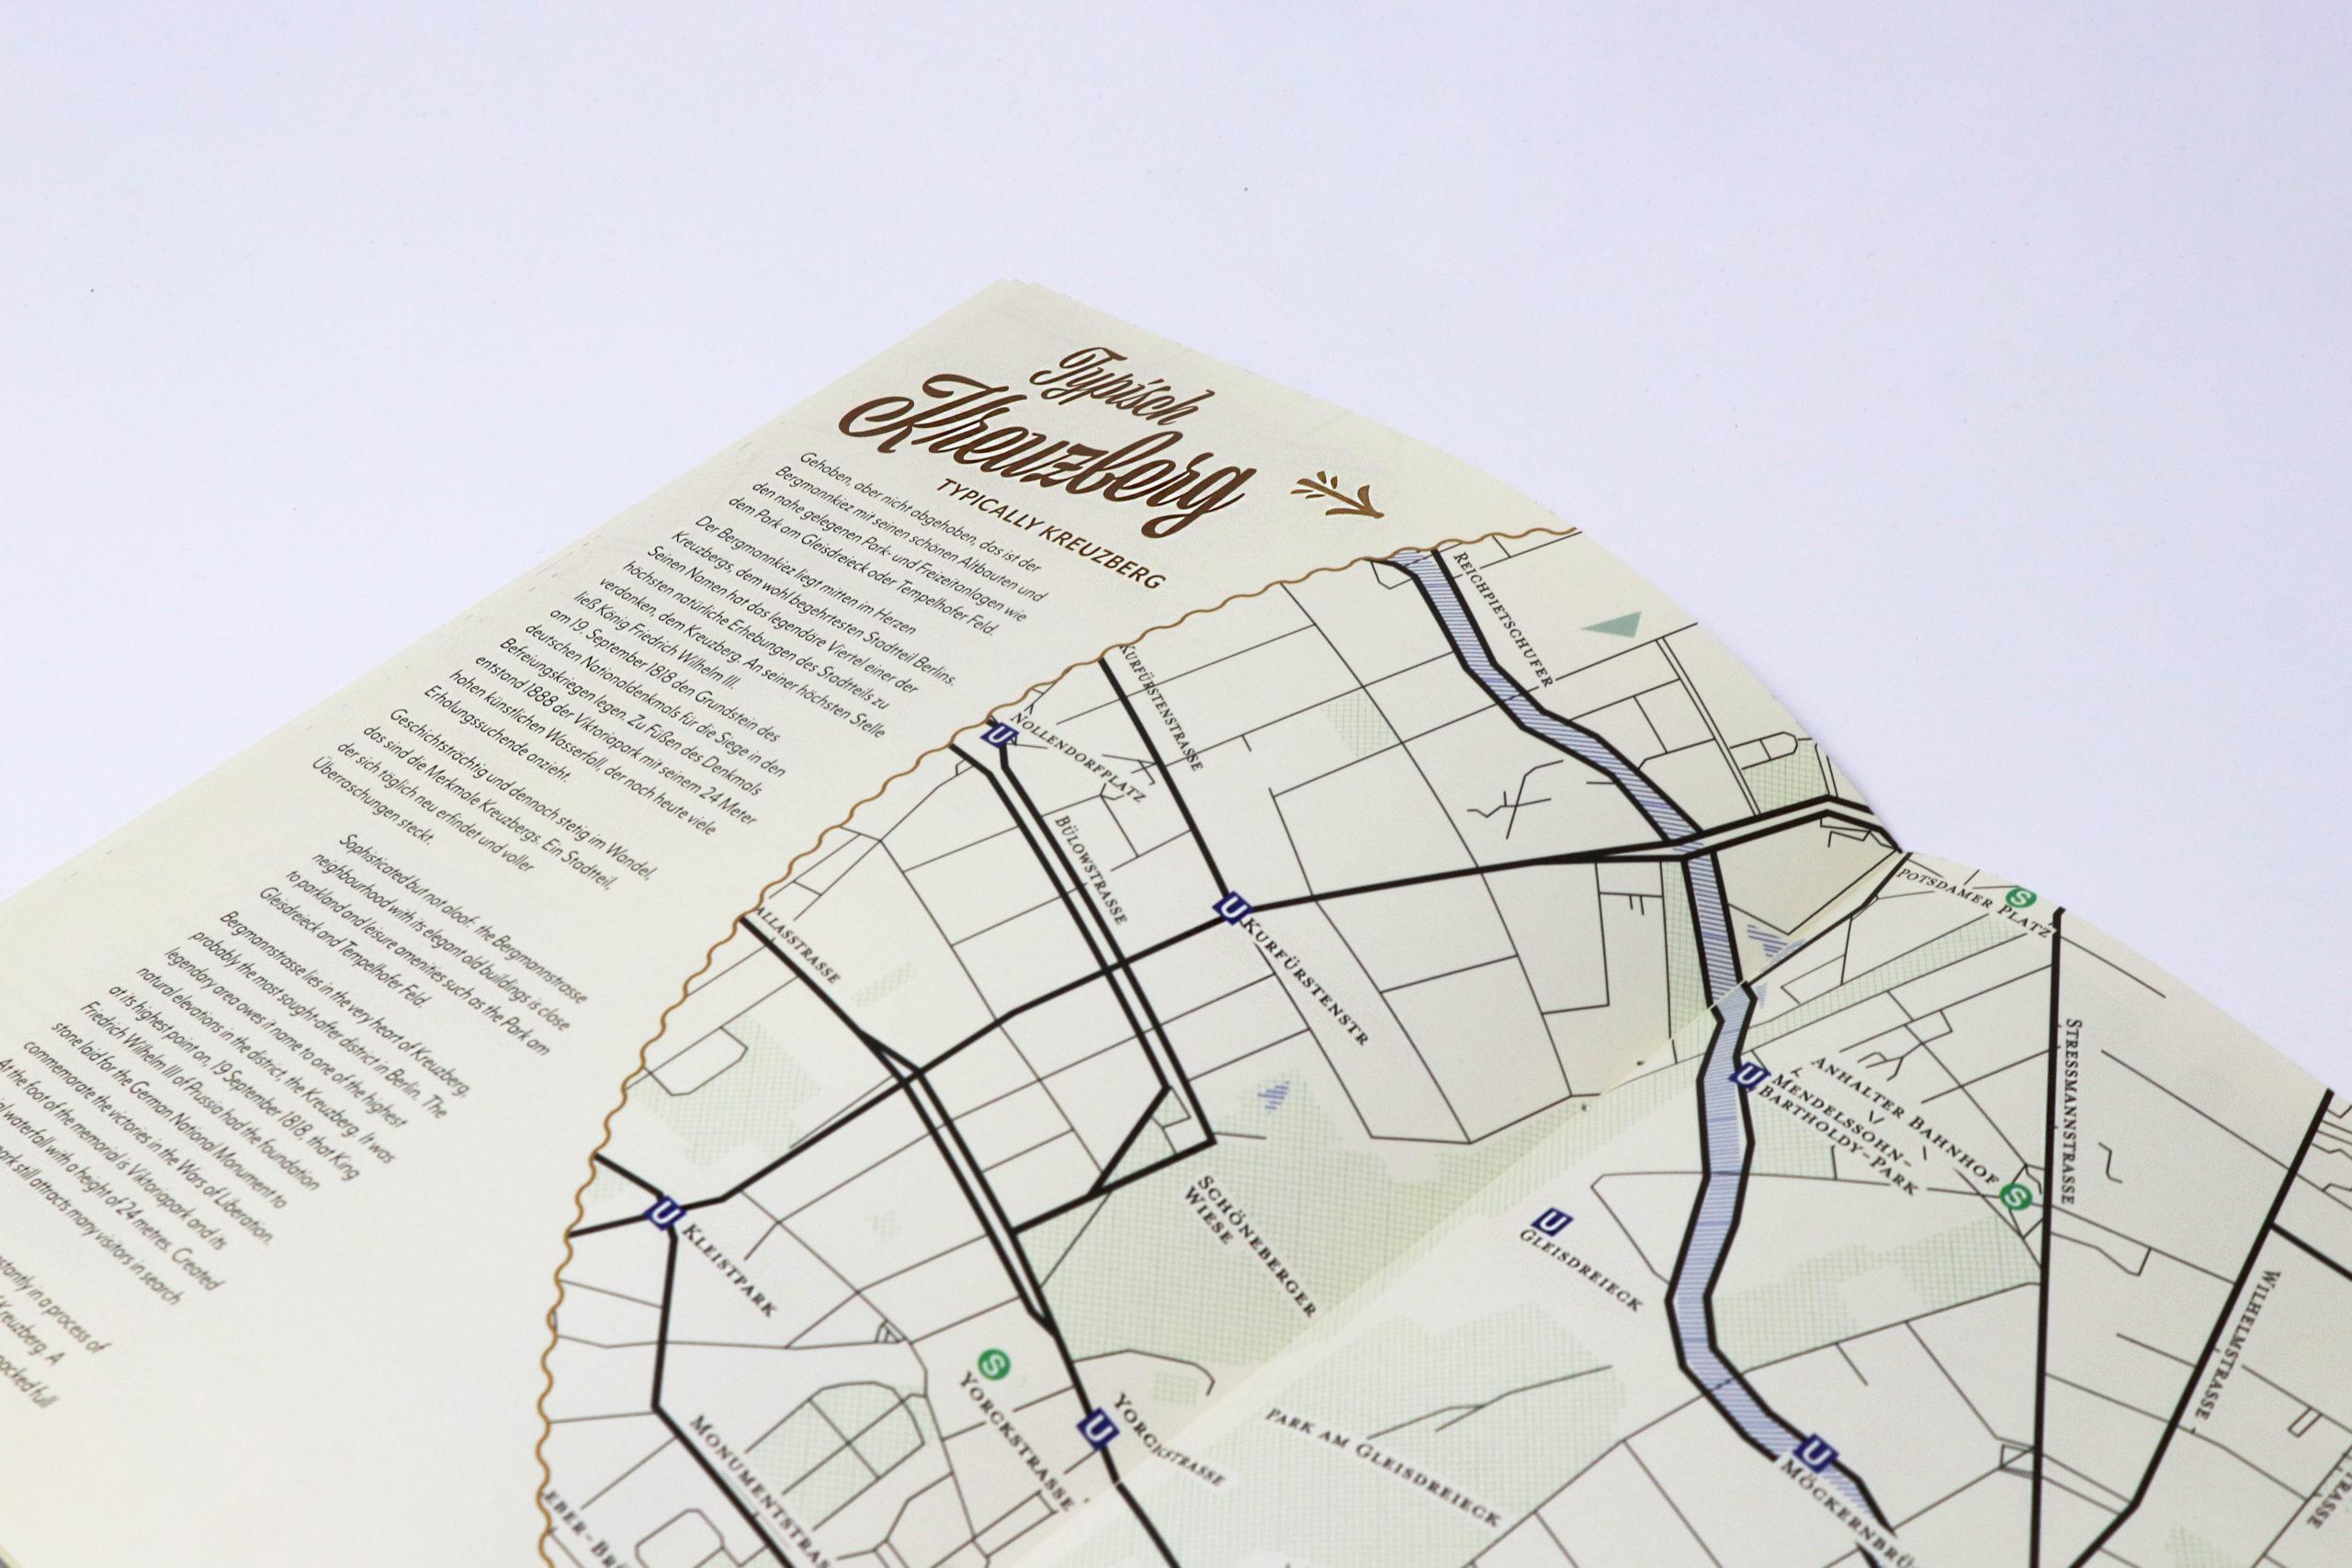 Corporate_Design-Trendcity_Immobilien-Broschüre-Bergmann-2